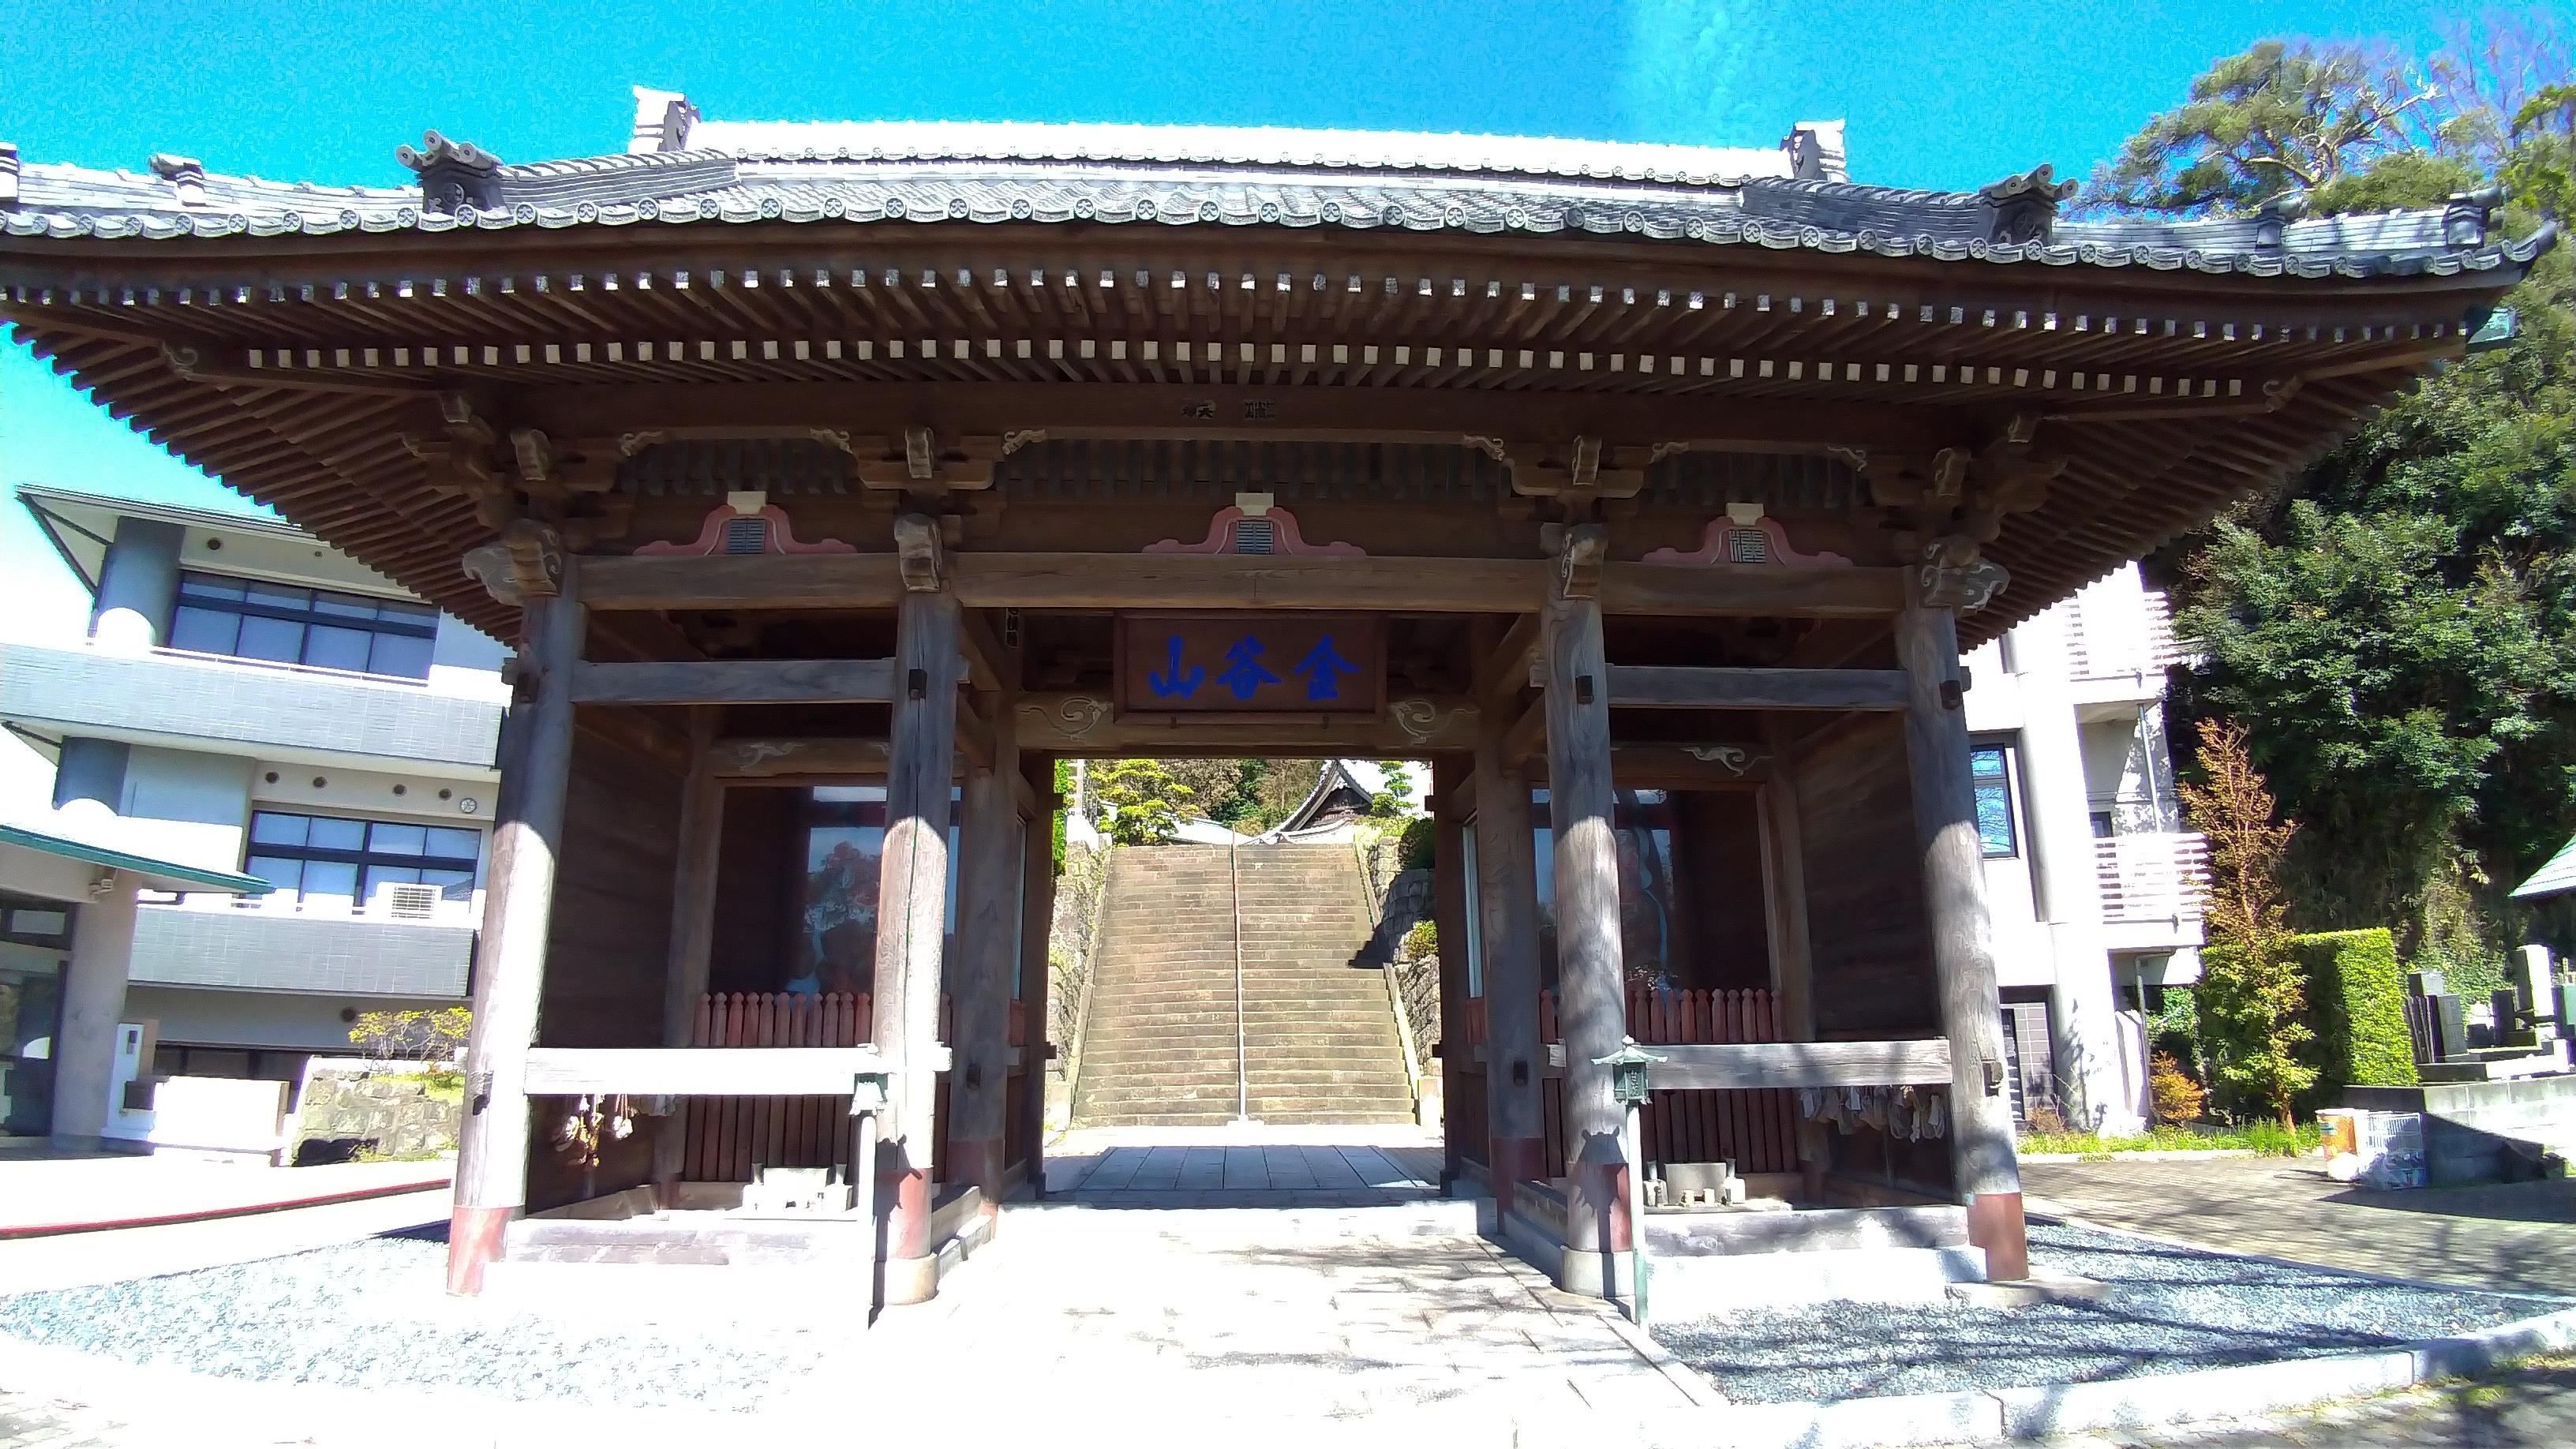 大明寺の山門